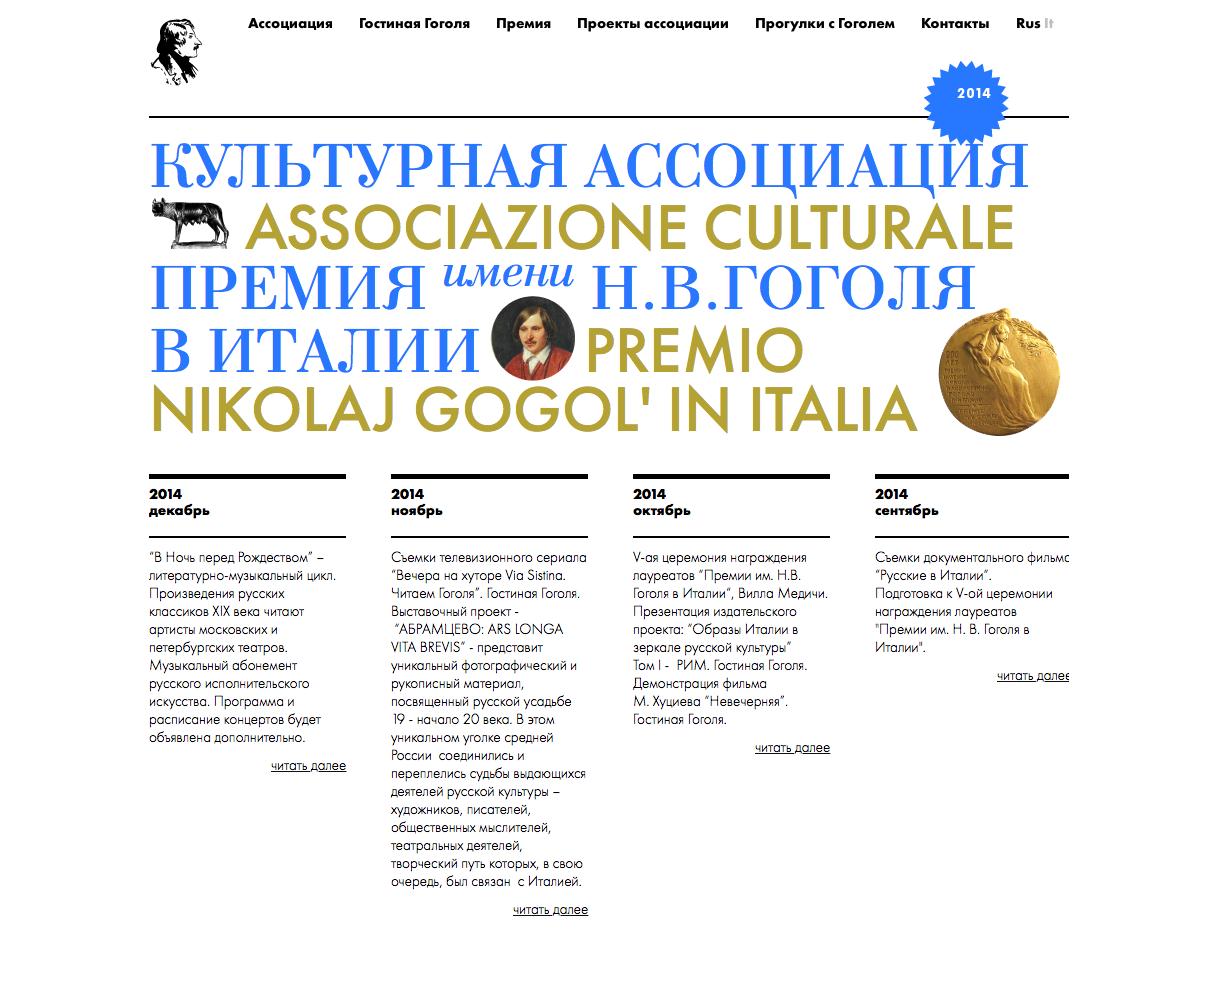 Krievijas kulturas associācijas